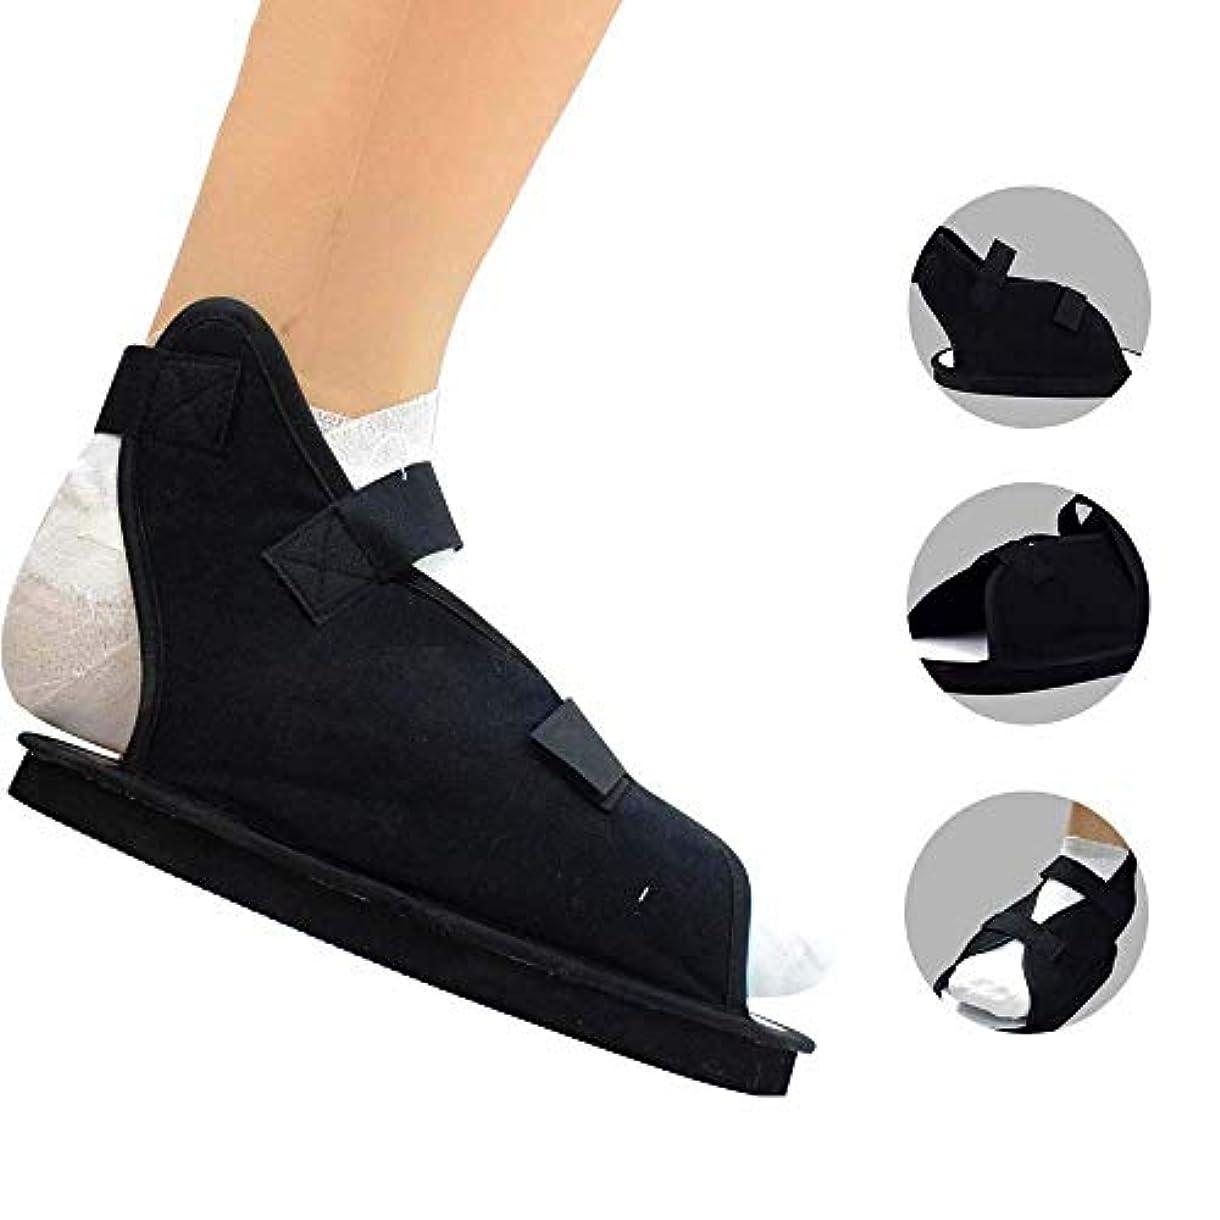 わざわざテロ確執術後靴、傷害後の外科用フットキャスト医療用ウォーキングブーツ (Size : S)